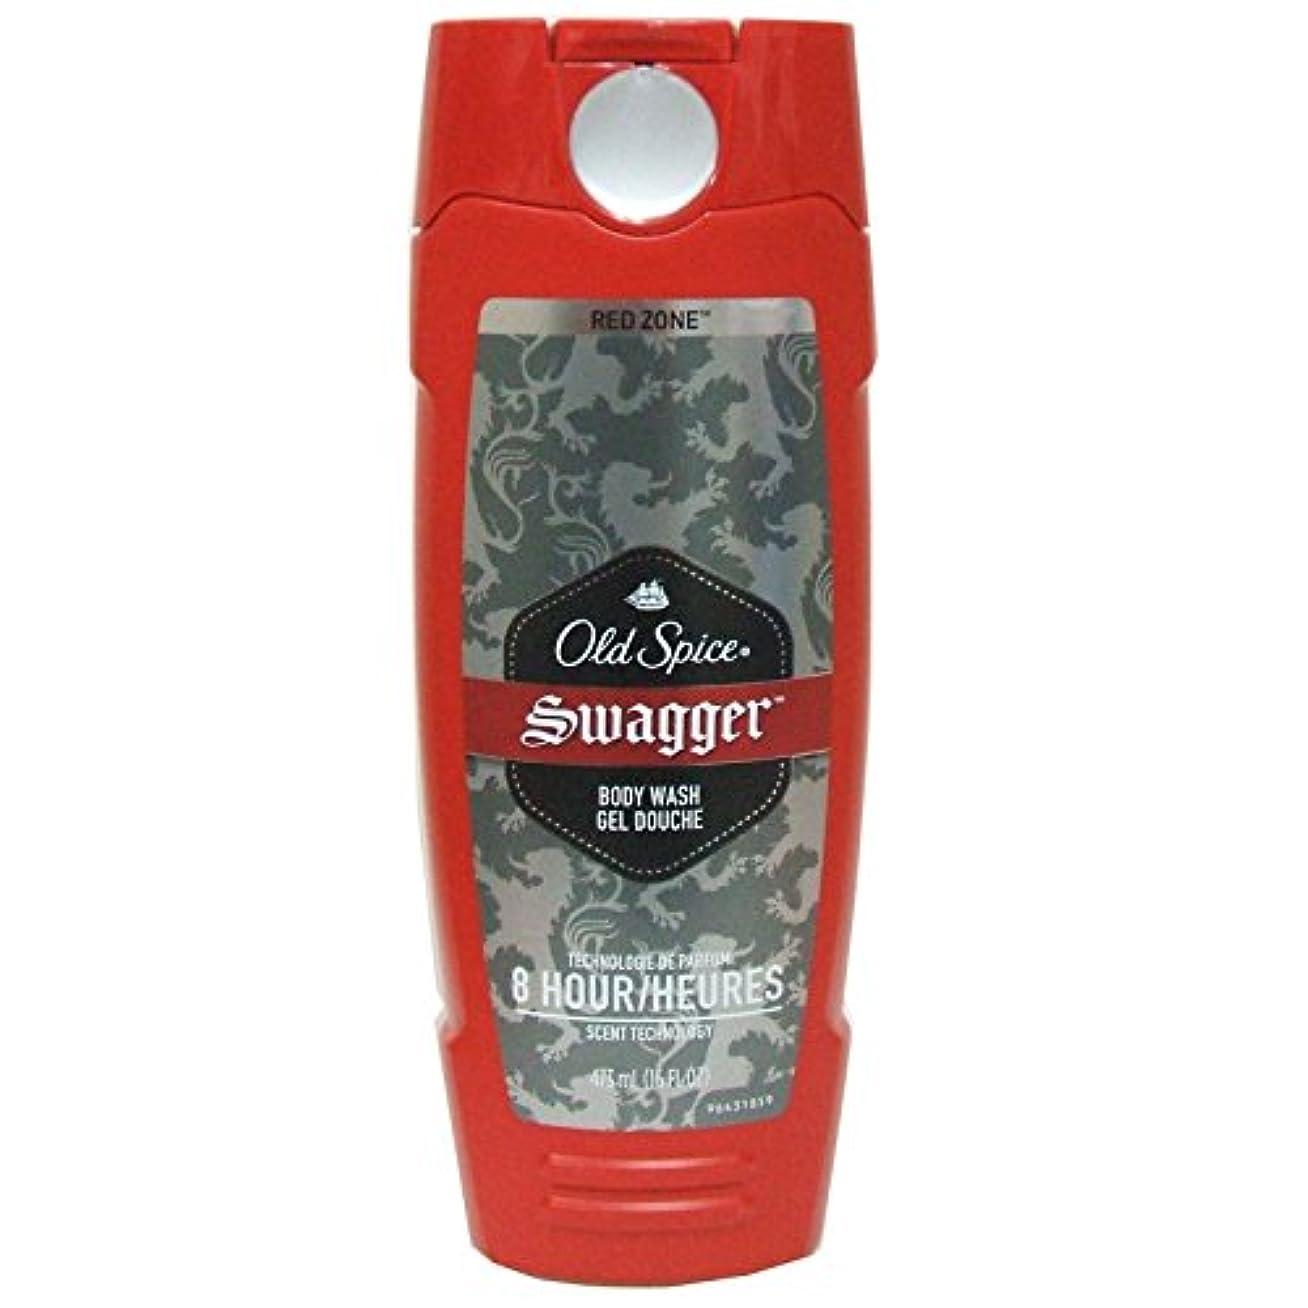 戦士裂け目リアルOld Spice オールドスパイス Red Zone Body Wash Swagger GEL 473ml [並行輸入品]